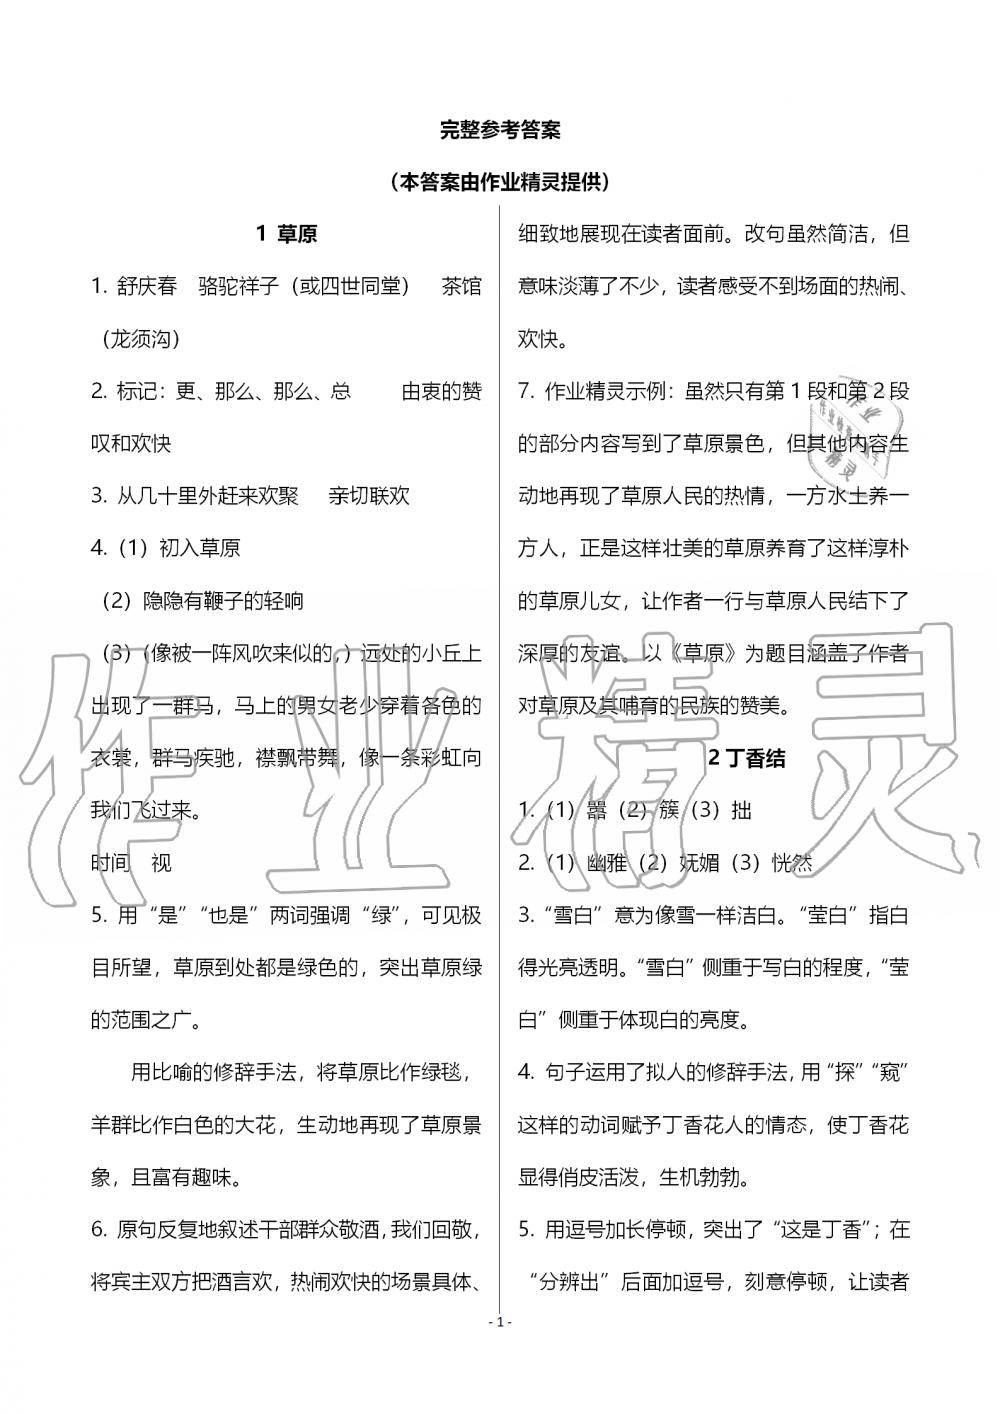 2019年语文练习部分六年级第一学期人教版五四制第1页